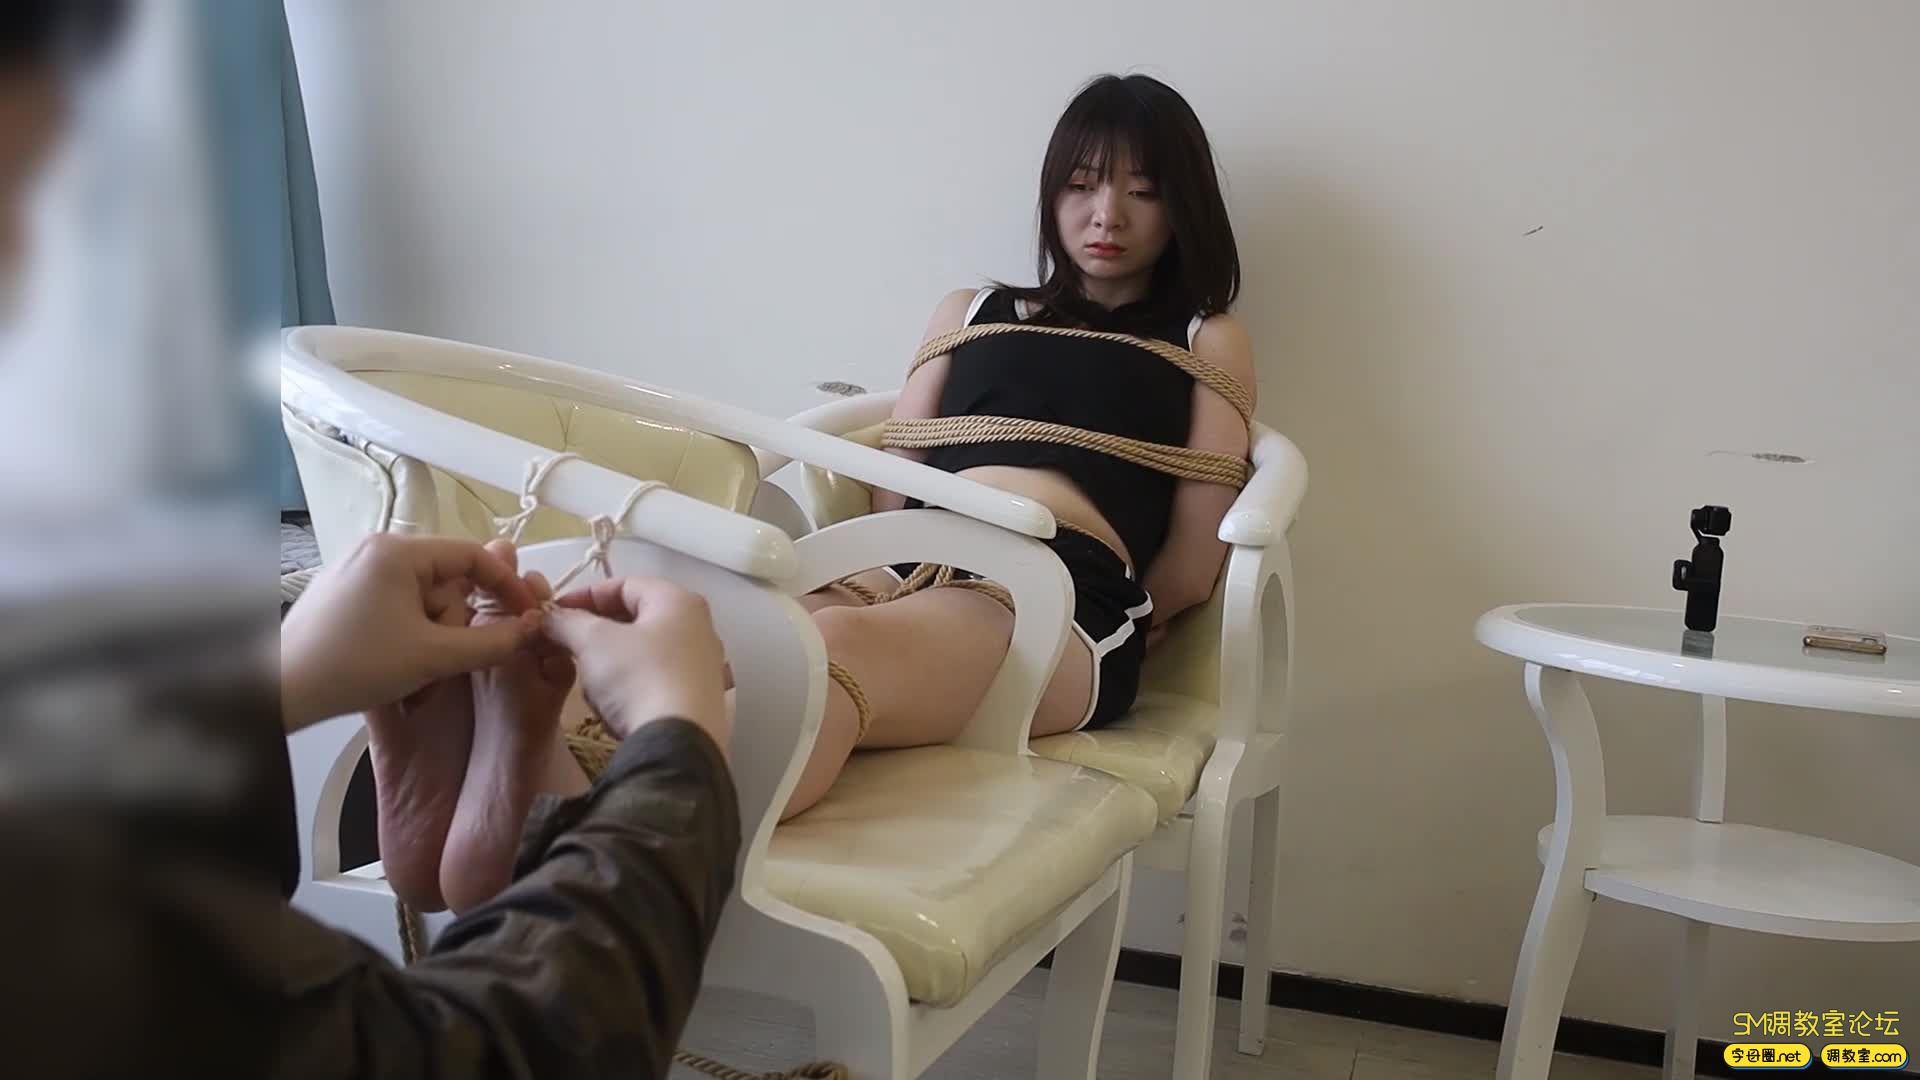 心悦艺束_筱筱的老虎凳TK,十个脚趾都紧紧被绑缚-视频截图3